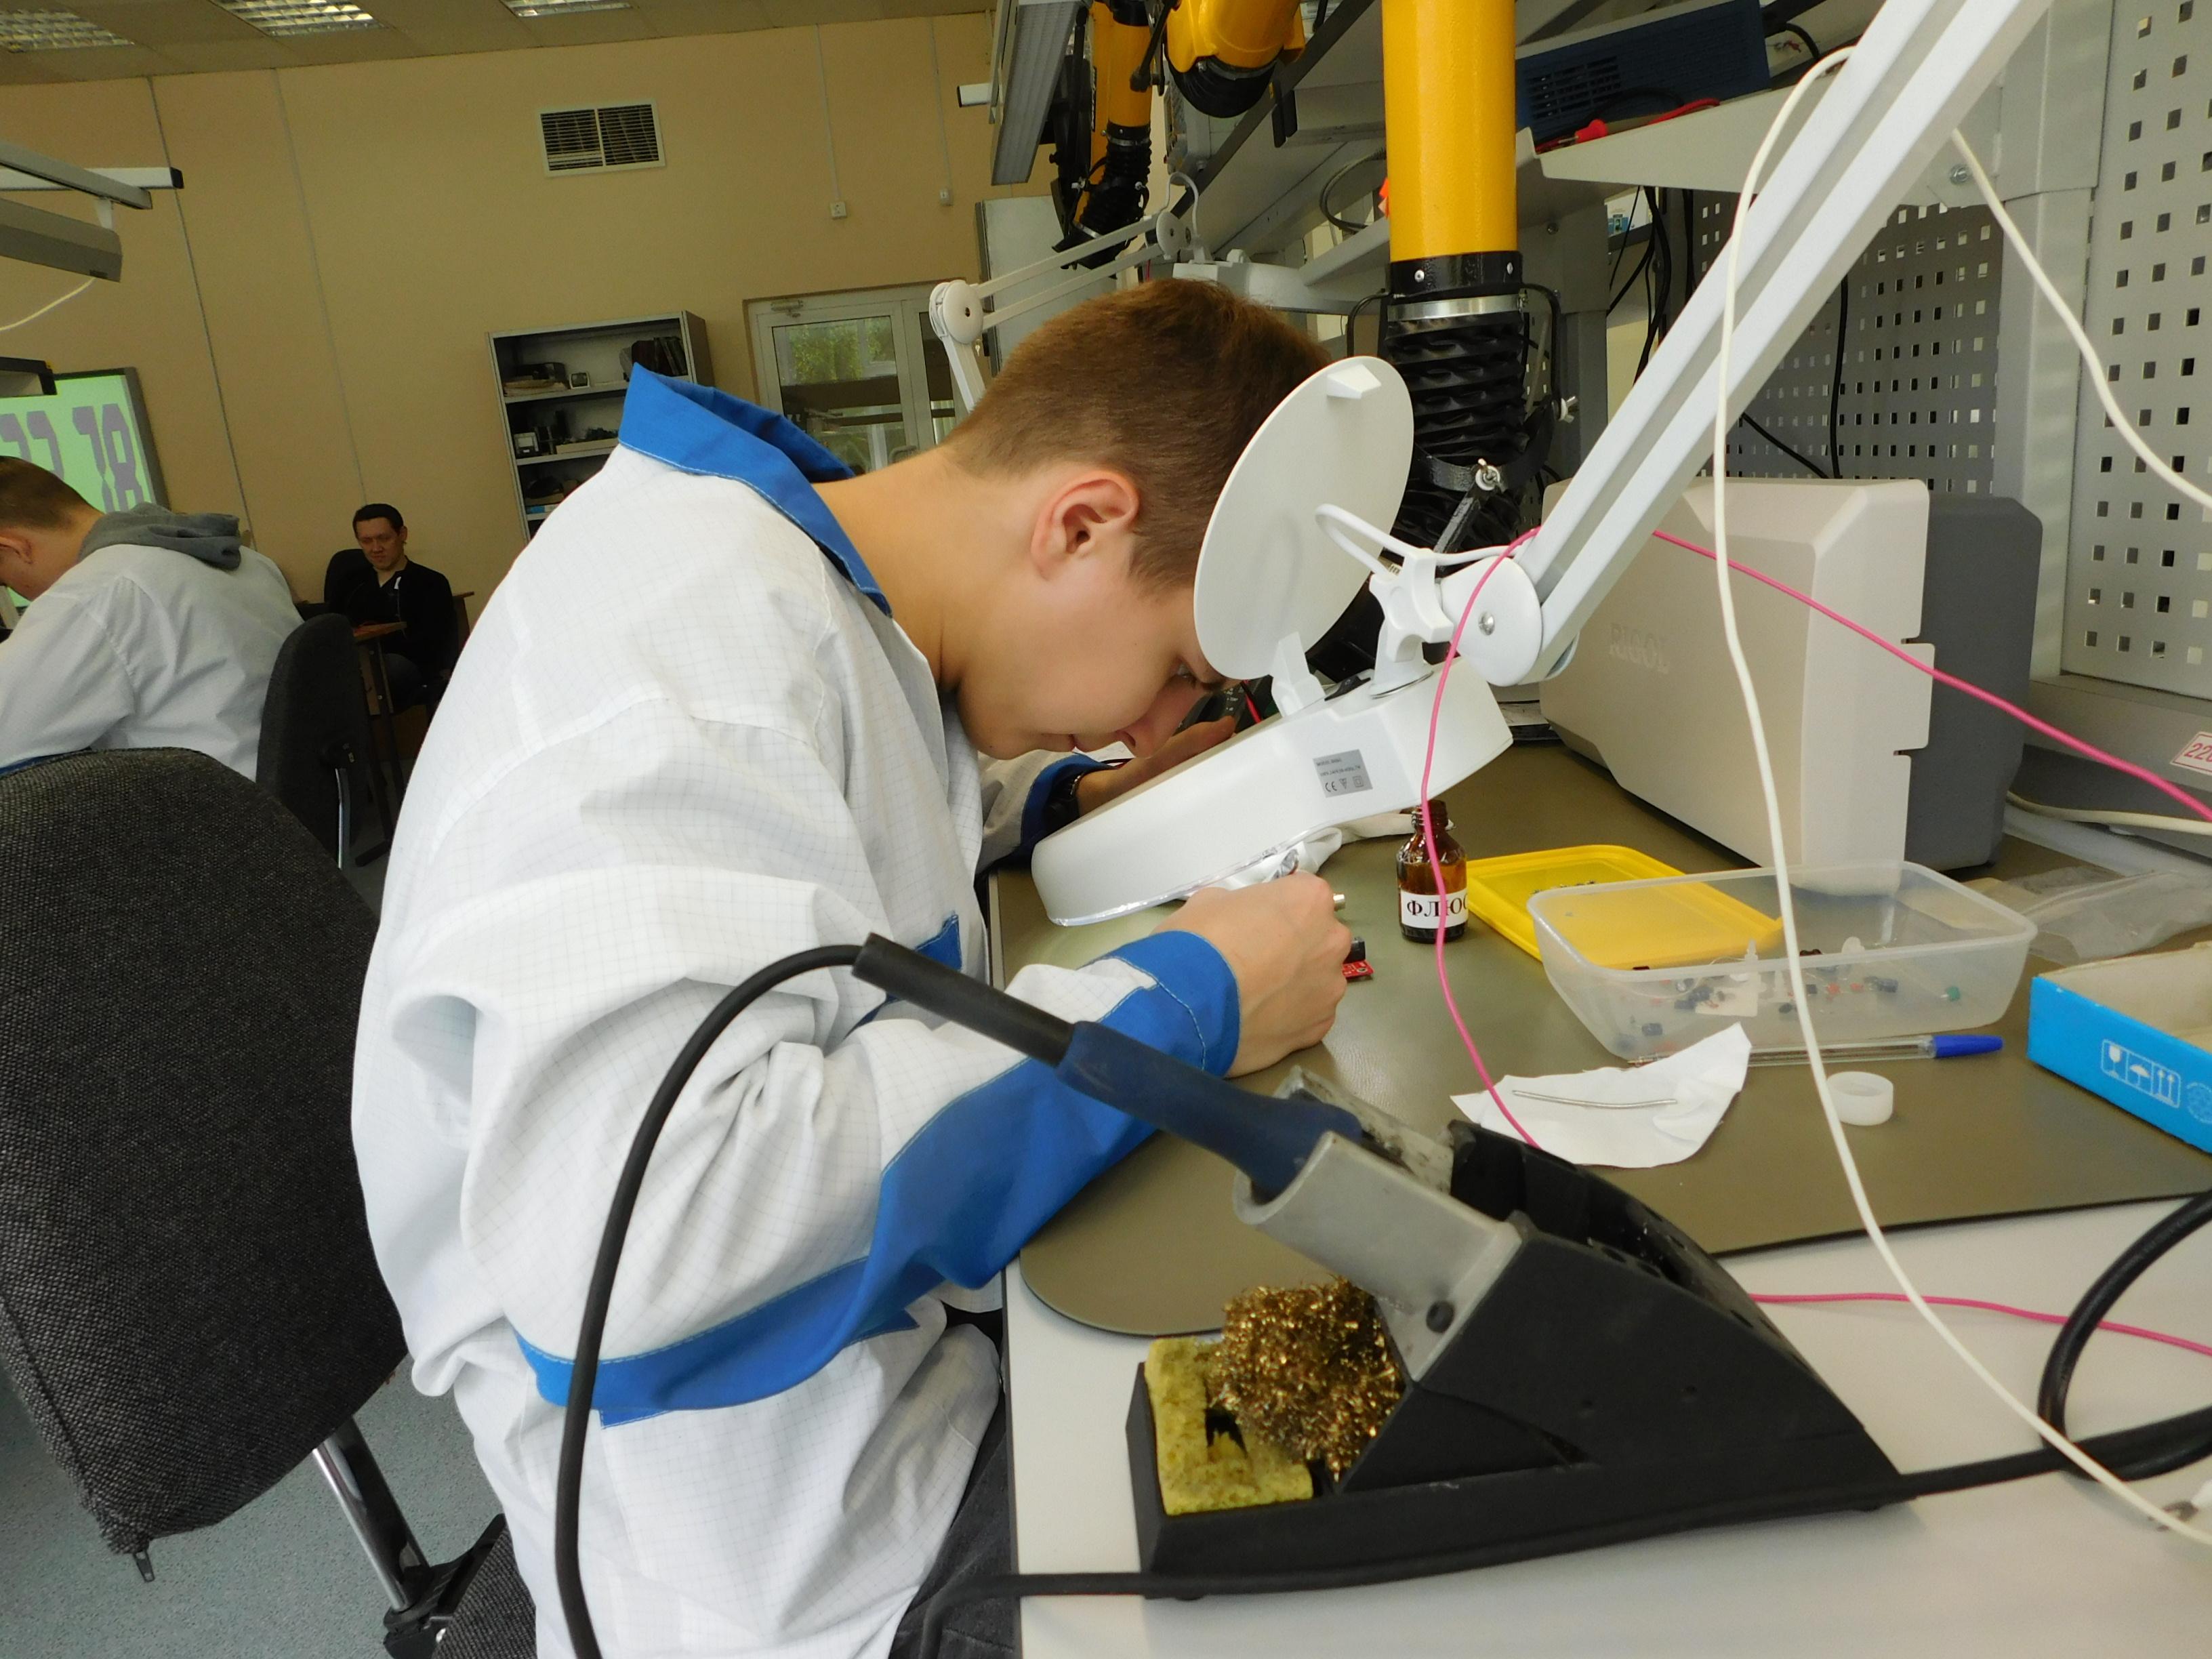 В Межрегиональном центре компетенций-Чебоксарском электромеханическом колледже завершился  демонстрационный экзамен по стандартам Worldskills по компетенции «Электроника»